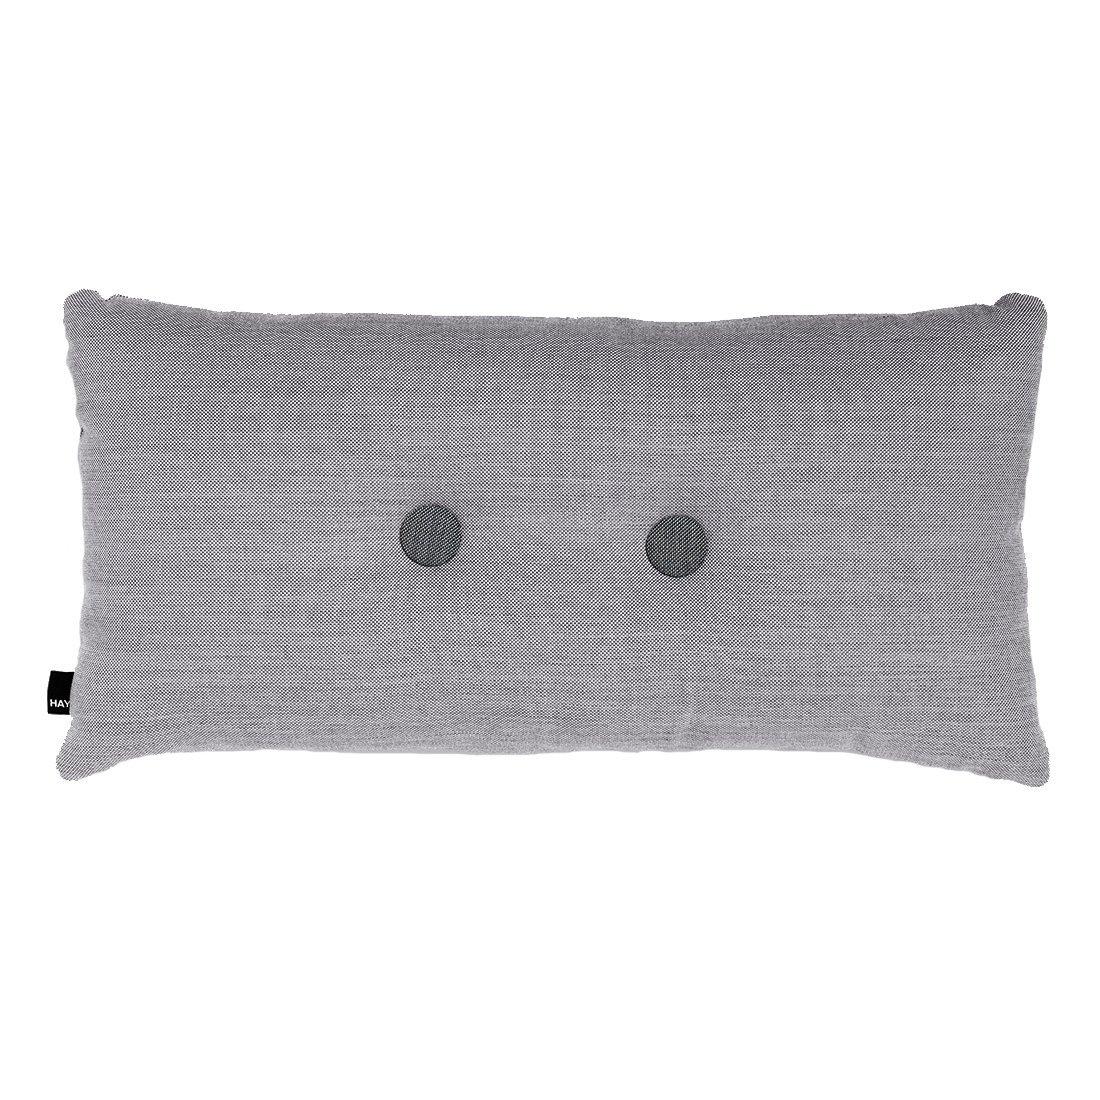 HAY Dot Cushion 2 Knopen Surface Kussen 70x36 Lichtgrijs